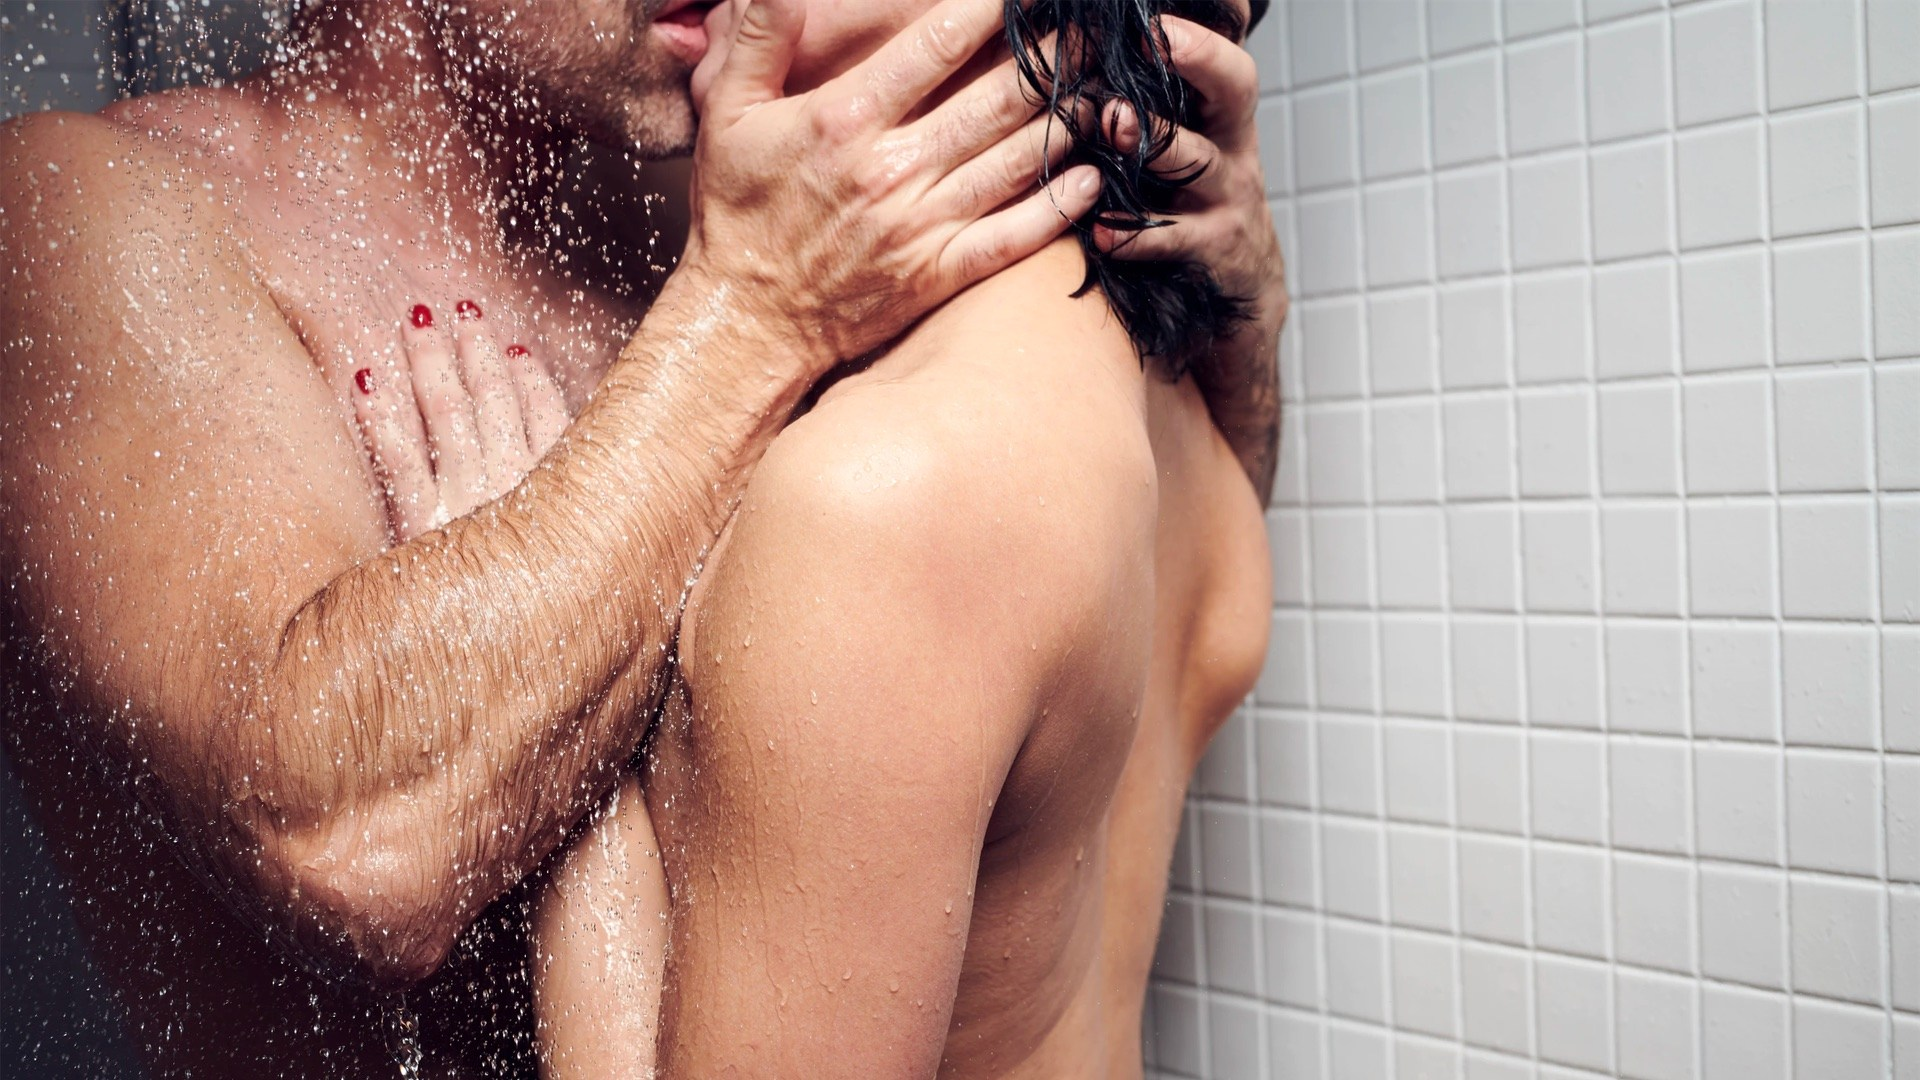 couple-sexe-douche